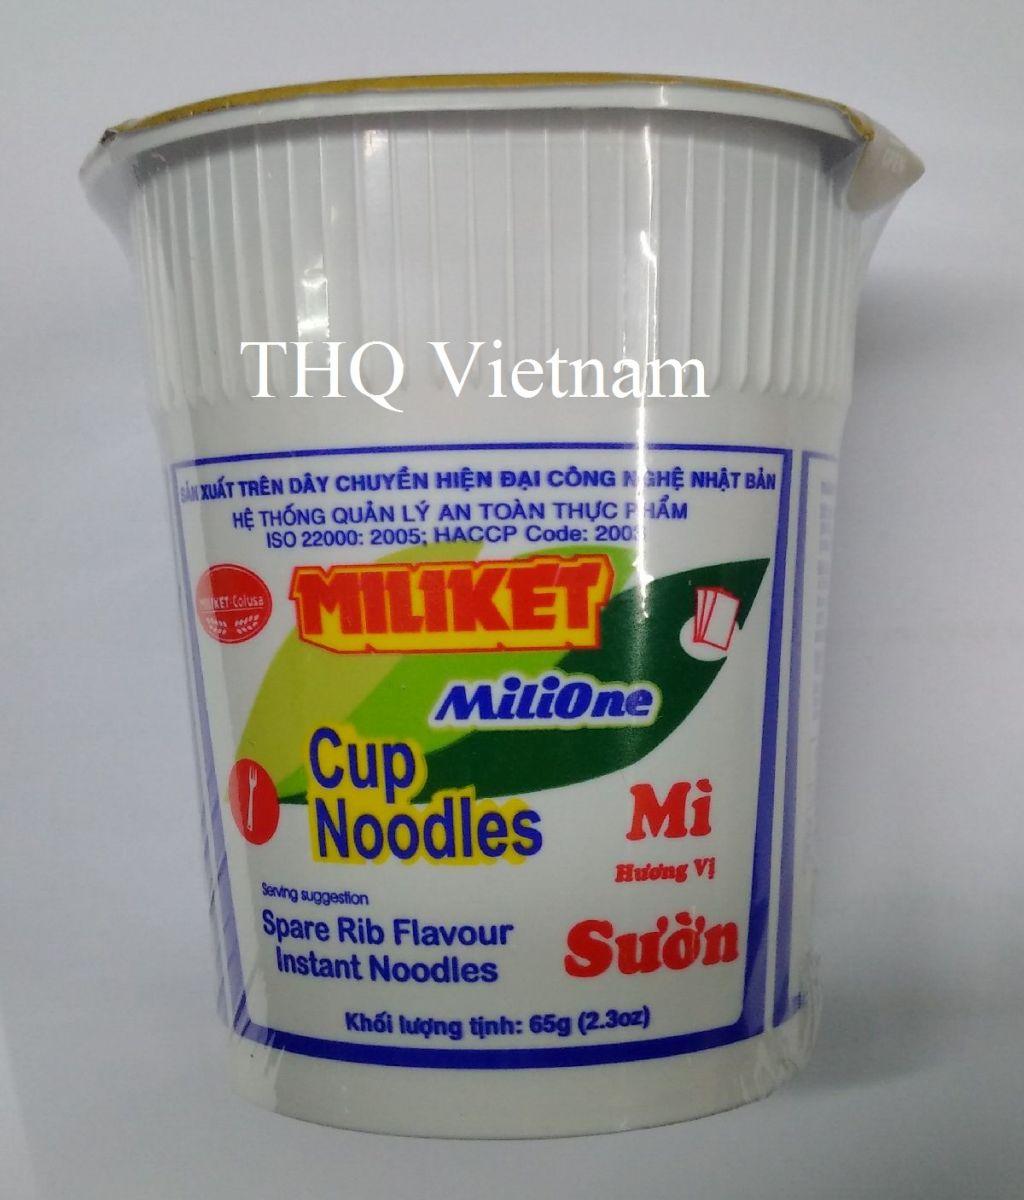 http://thqvietnam.com/upload/files/8(3).jpg